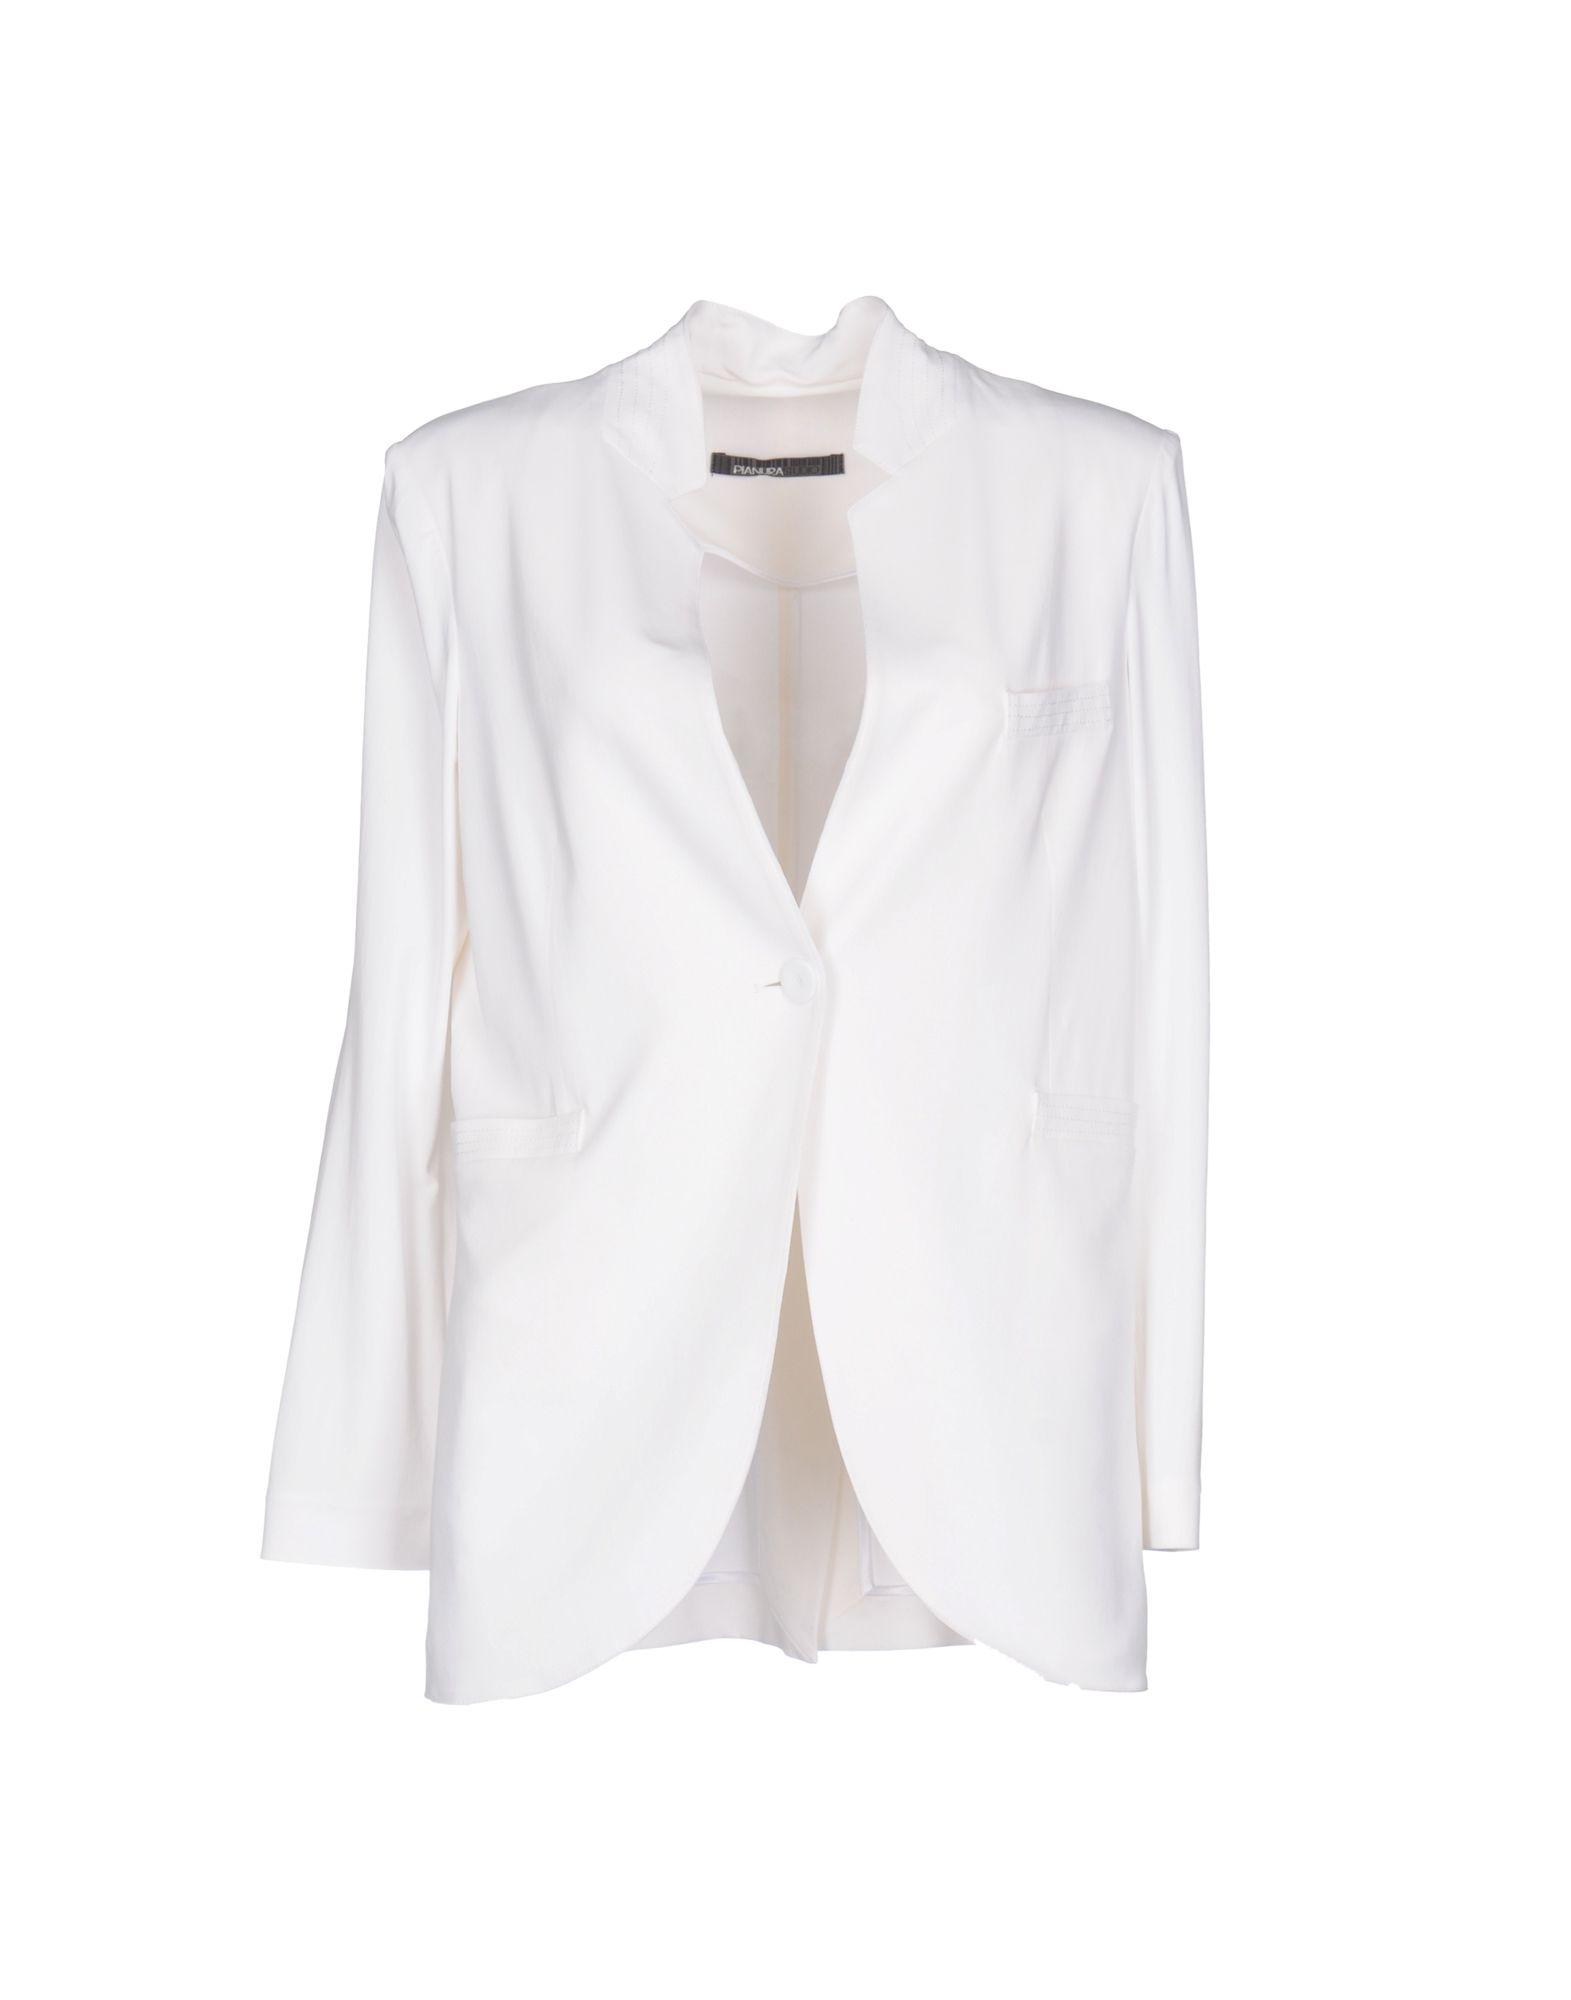 PIANURASTUDIO Damen Jackett Farbe Weiß Größe 5 jetztbilligerkaufen